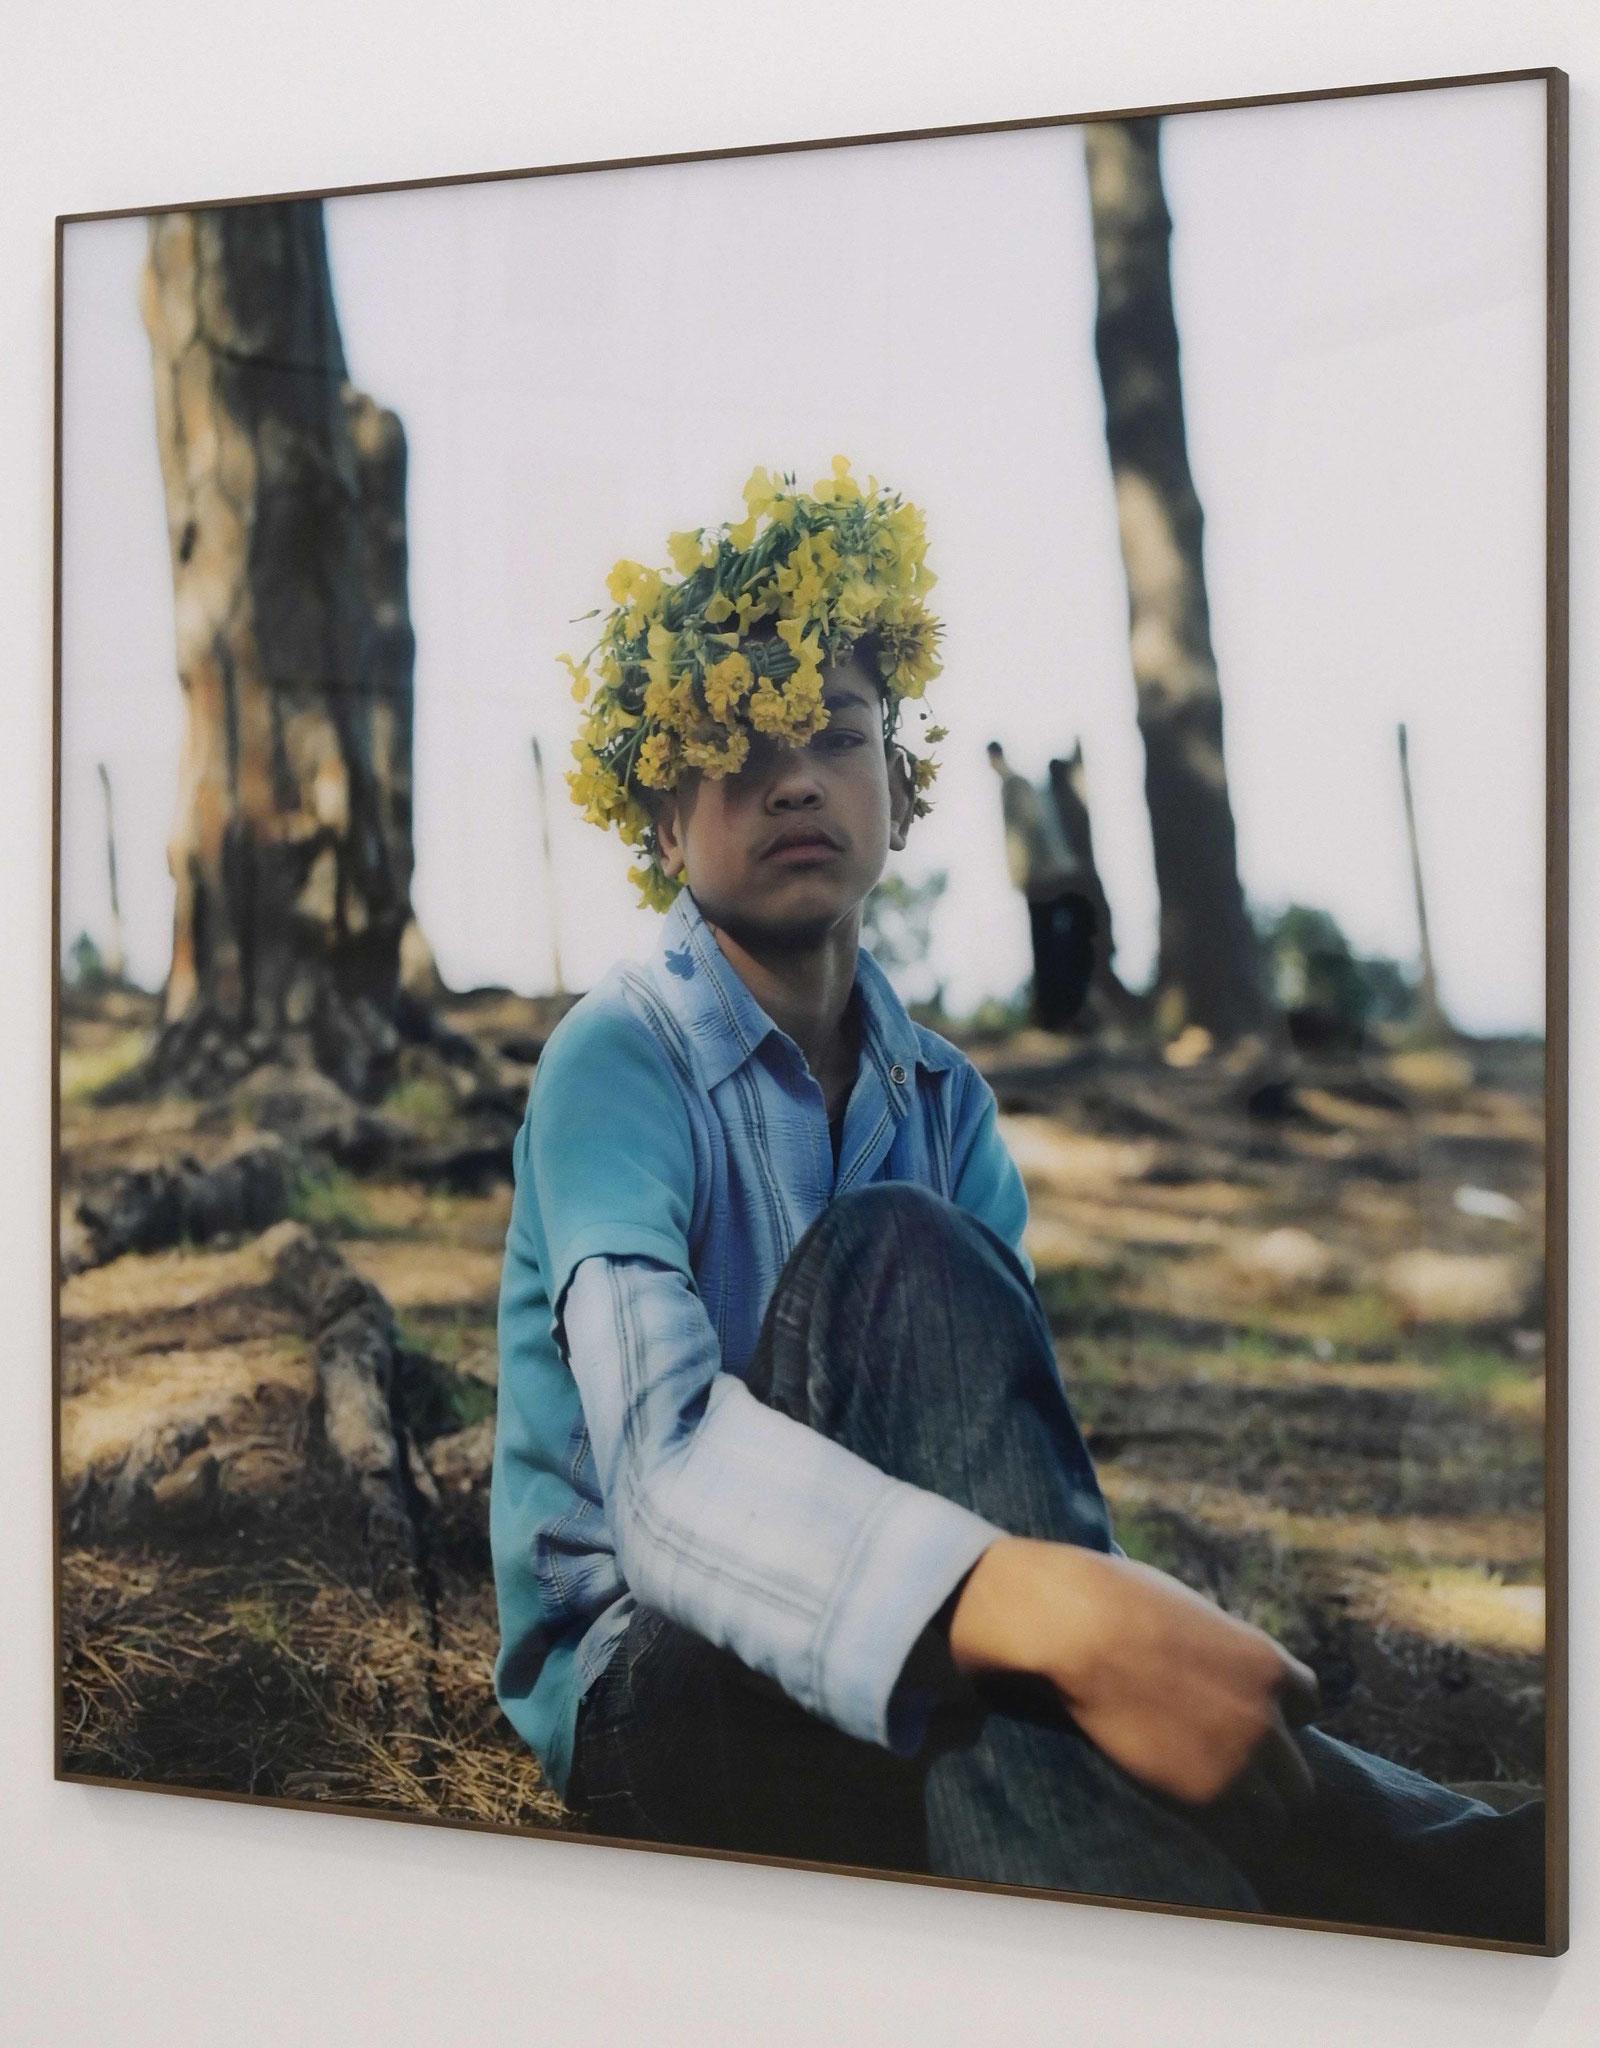 L'artiste Yto Barrada a coiffé d'une couronne d'Oxalis, fleur qui va bientôt disparaitre de son pays, le Maroc